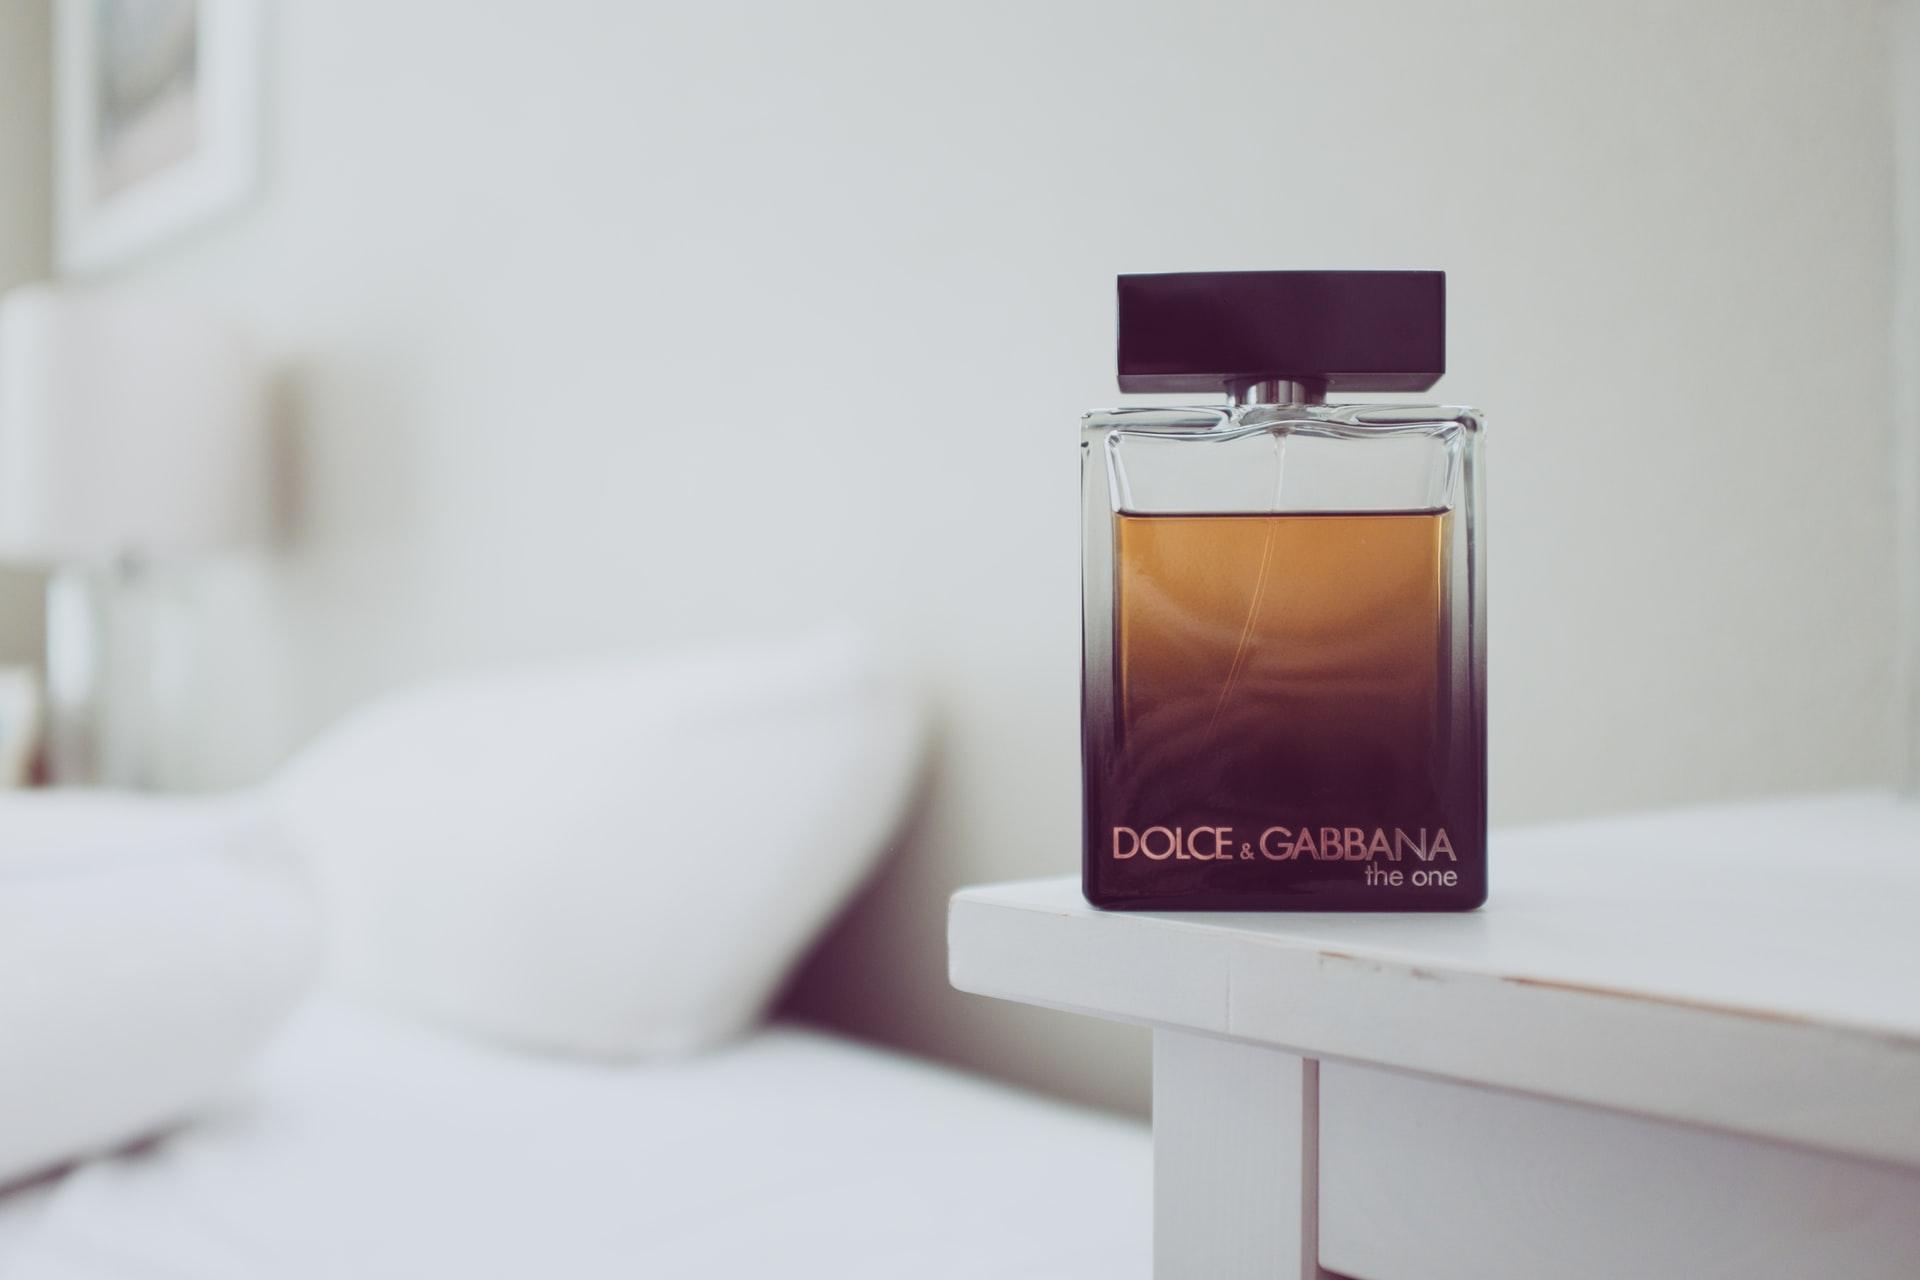 Dolce Gabbana Unsplash